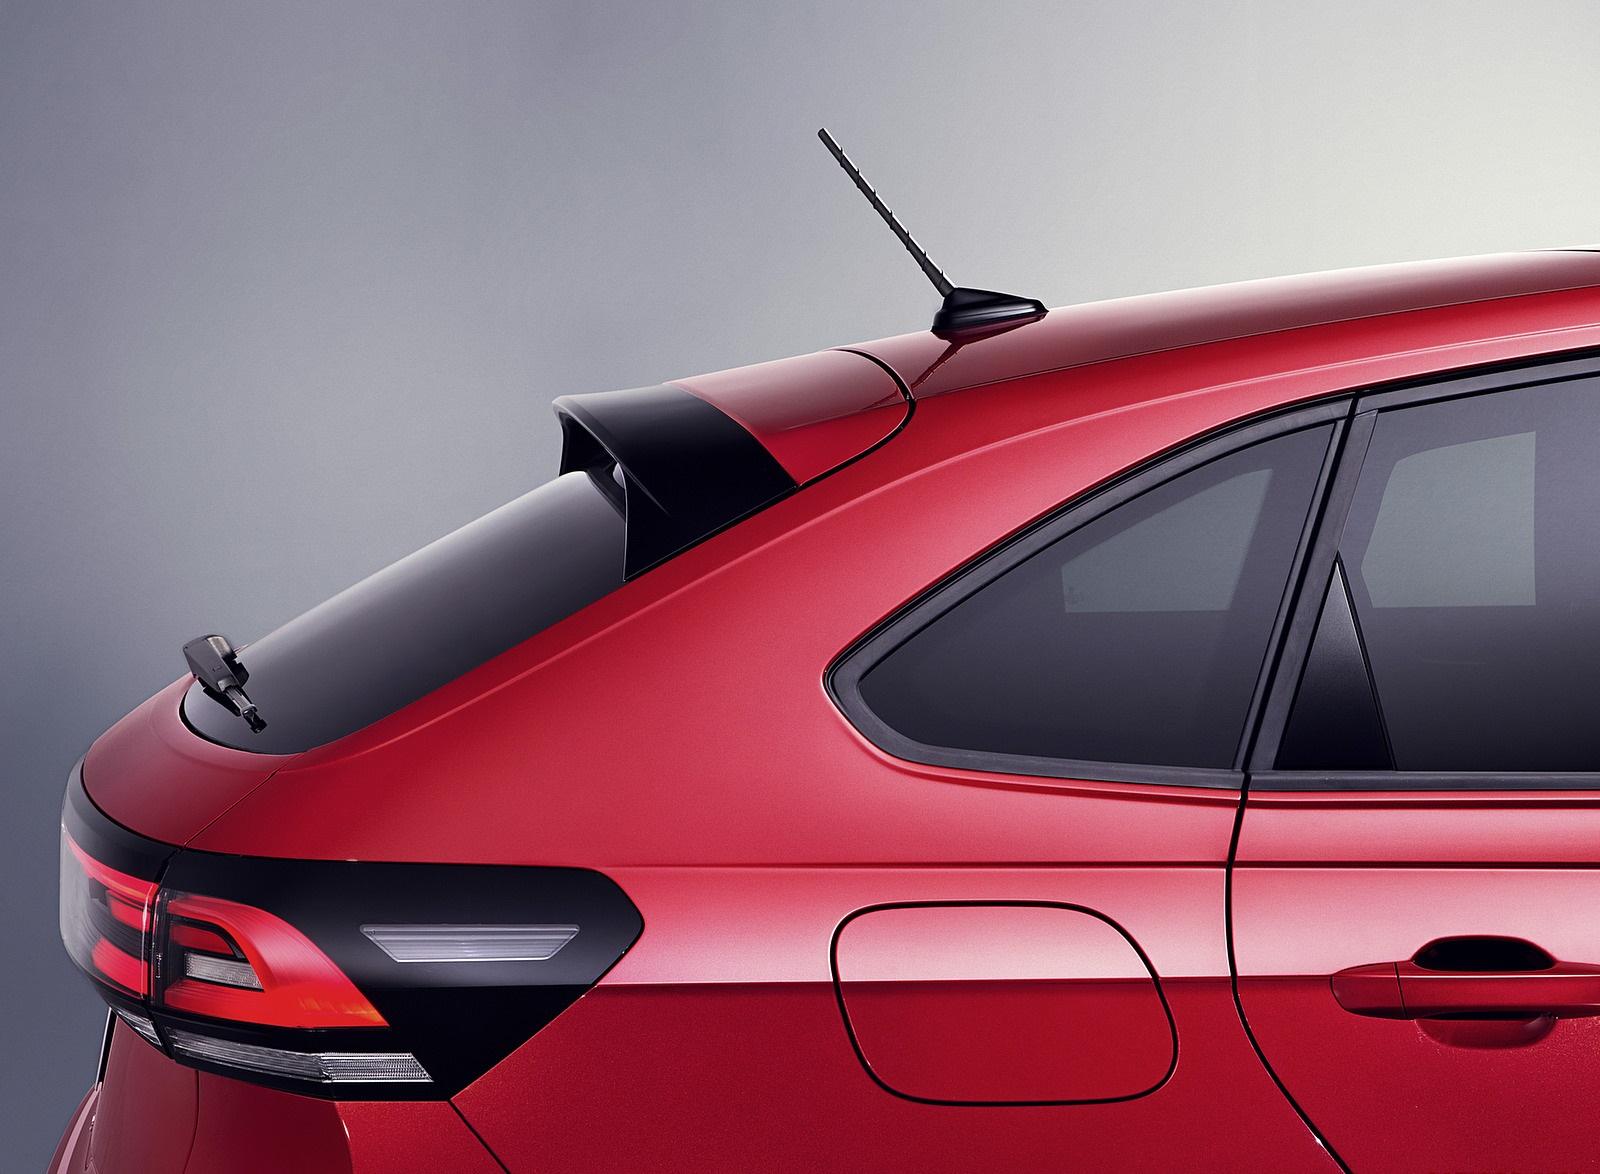 2022 Volkswagen Taigo R-Line Detail Wallpapers (9)